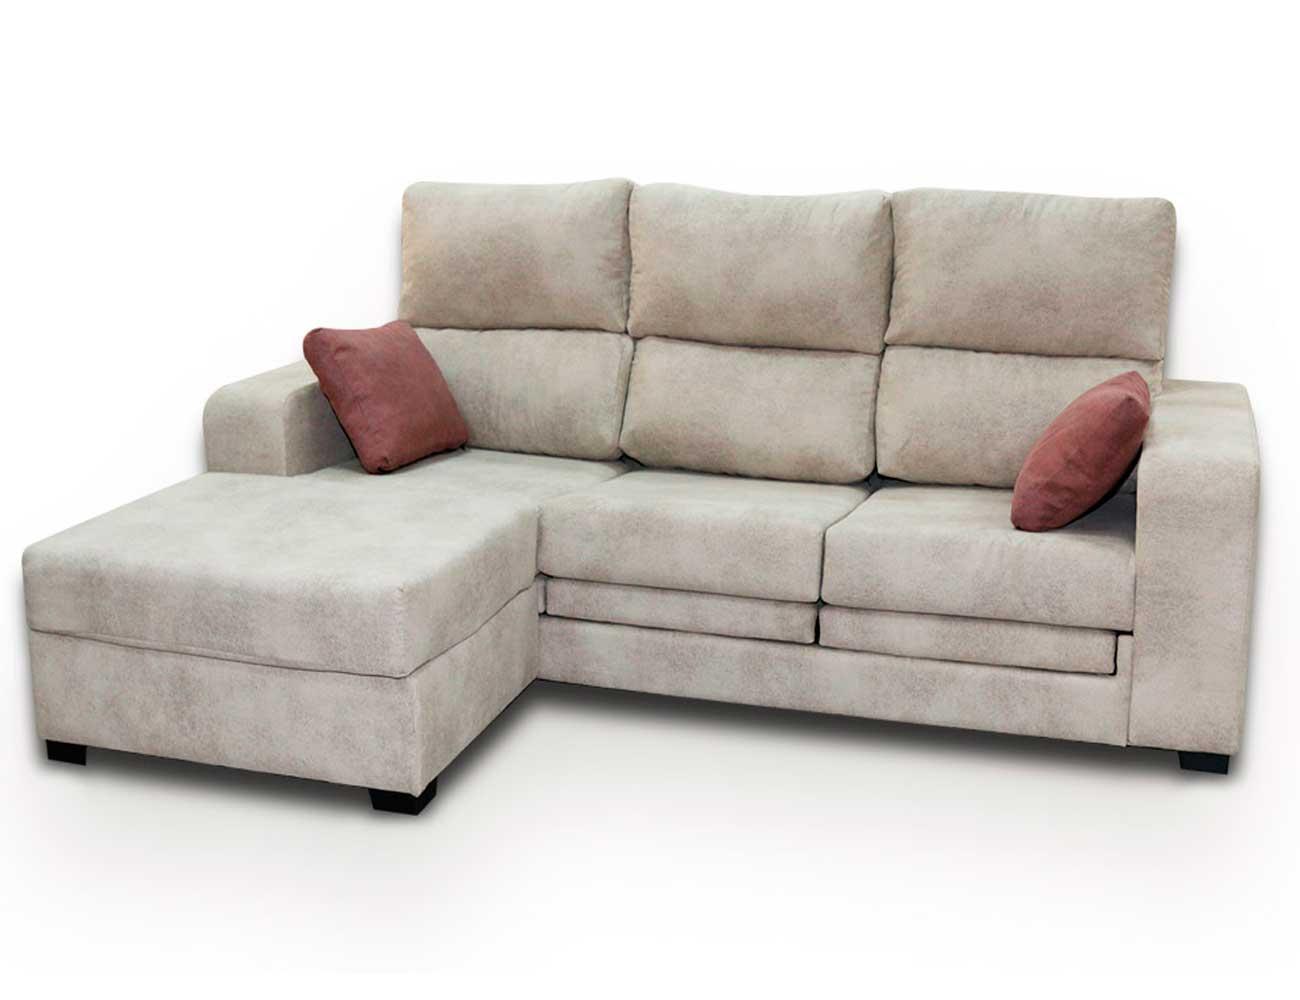 Sofa 3p puff reversible5